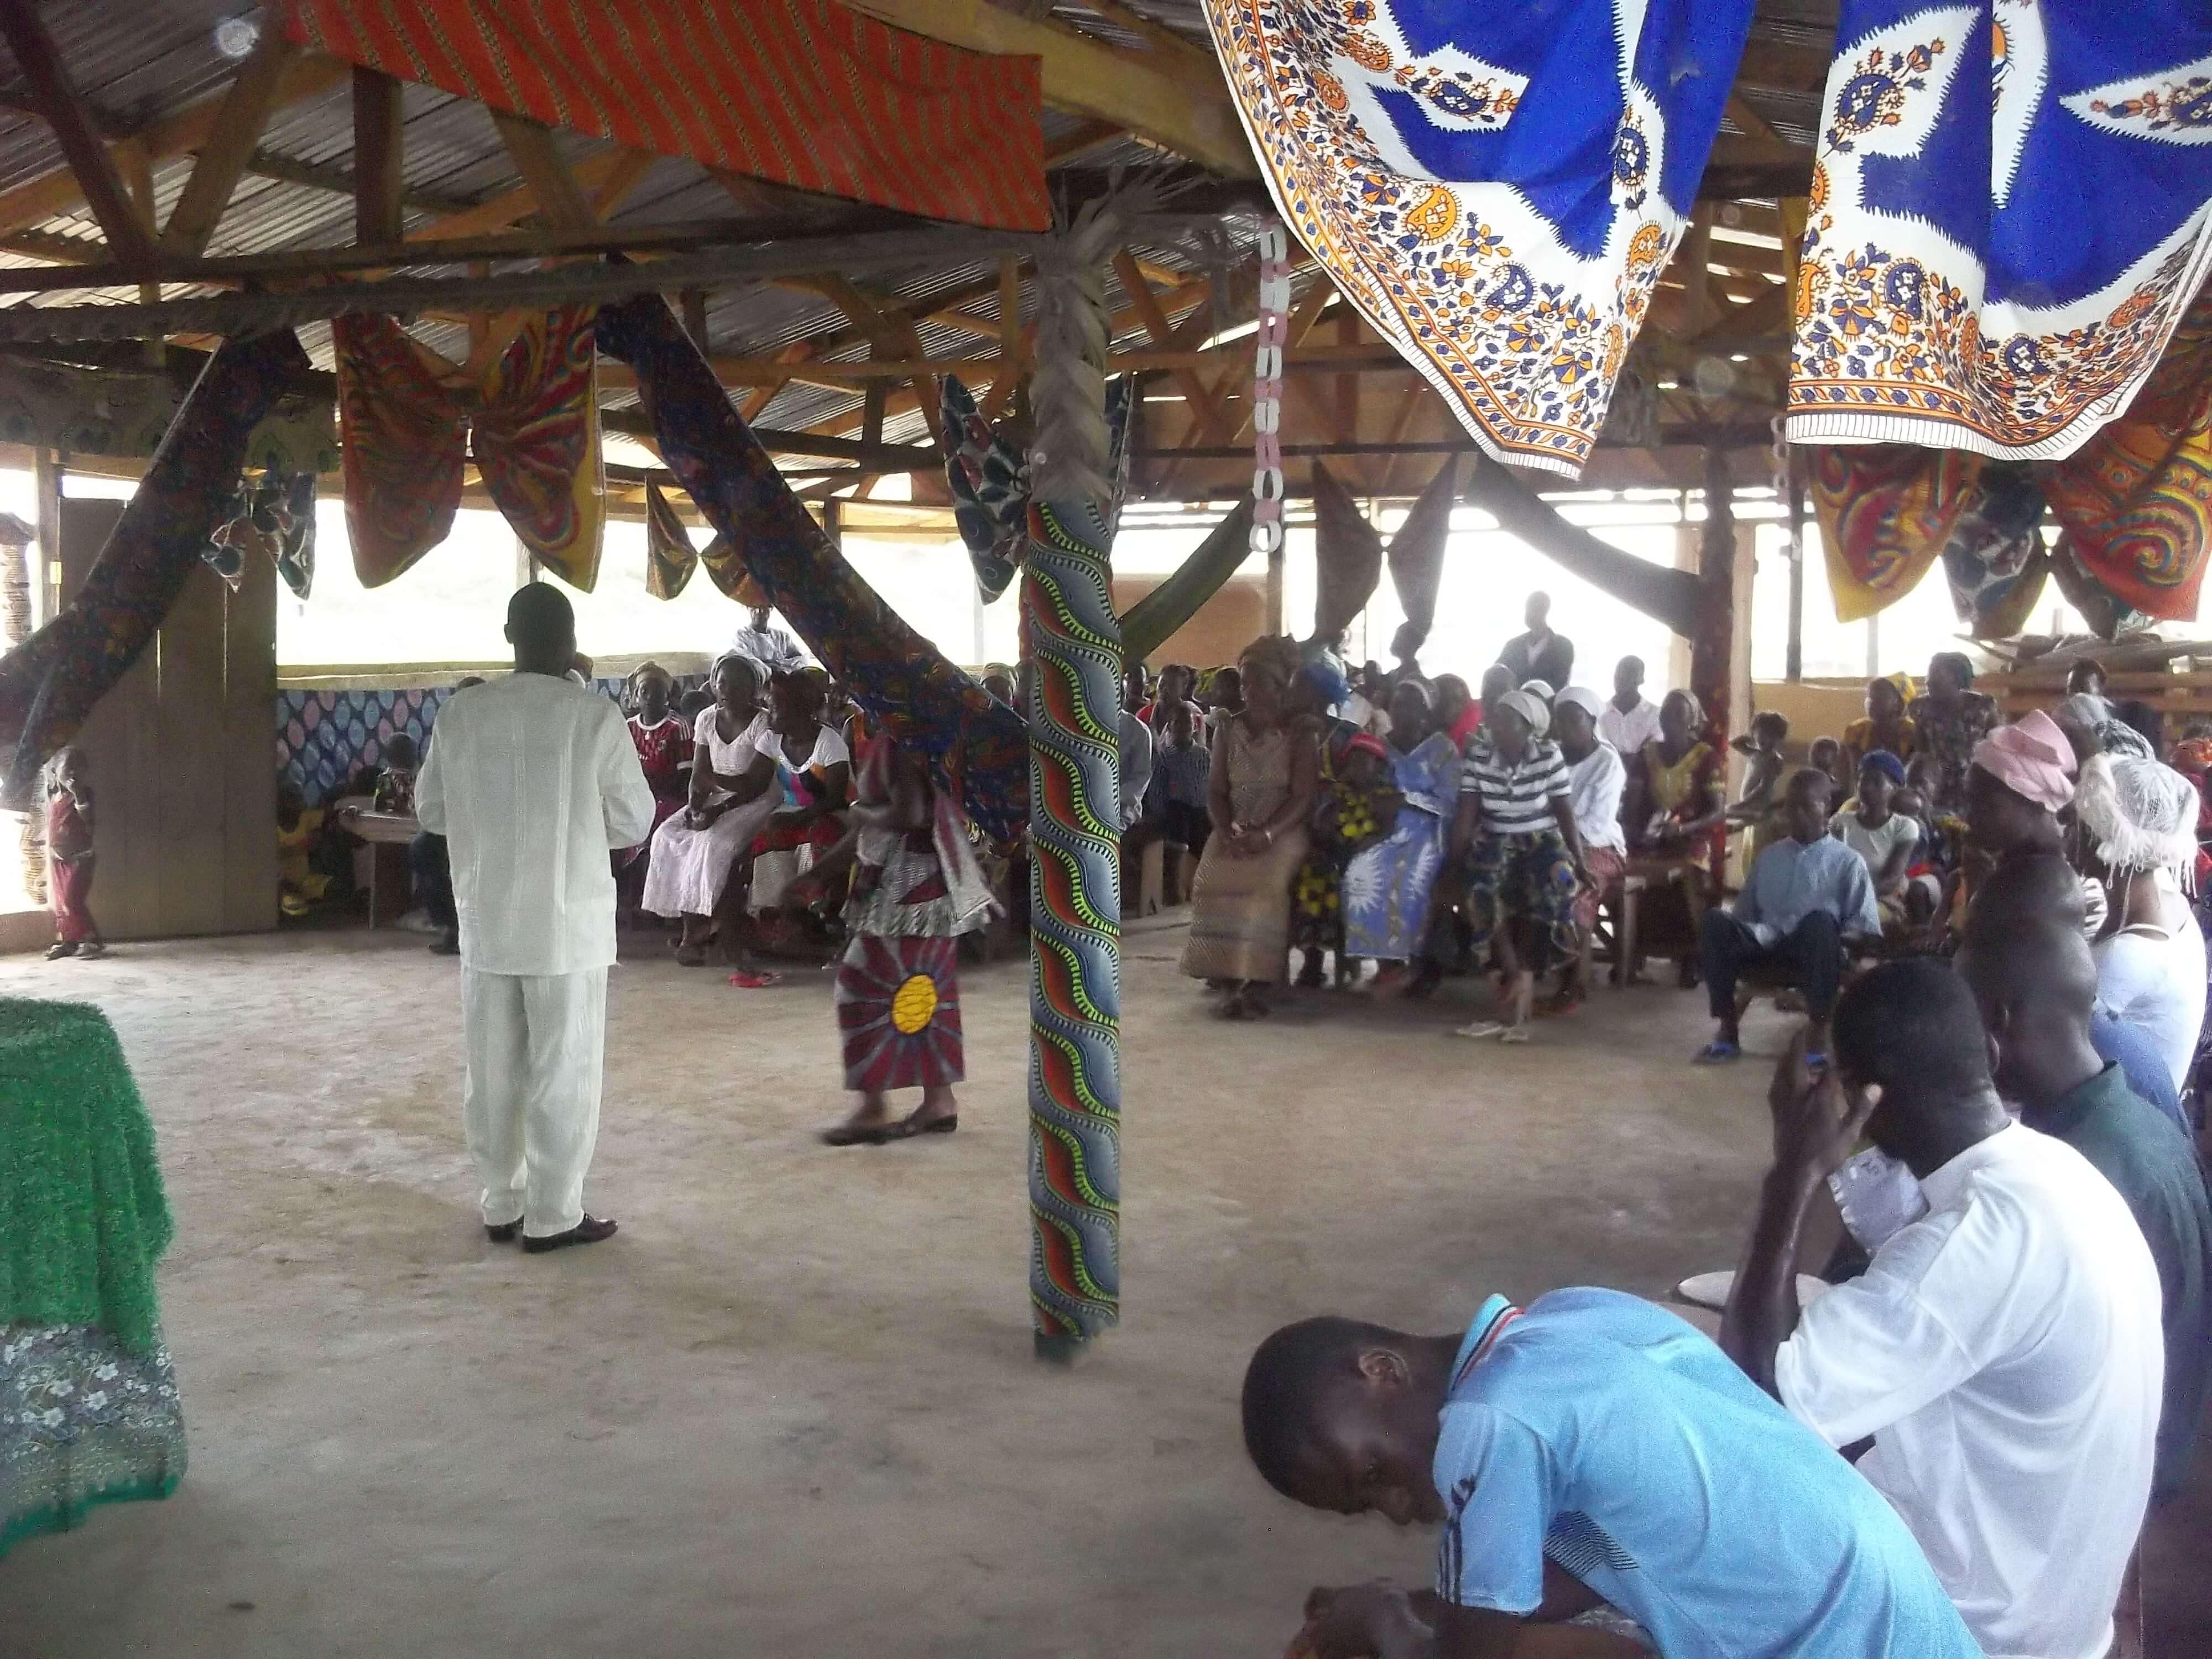 Retour au camp de réfugiés : cette fois-ci toutes les églises se sont mises ensemble pour nous recev